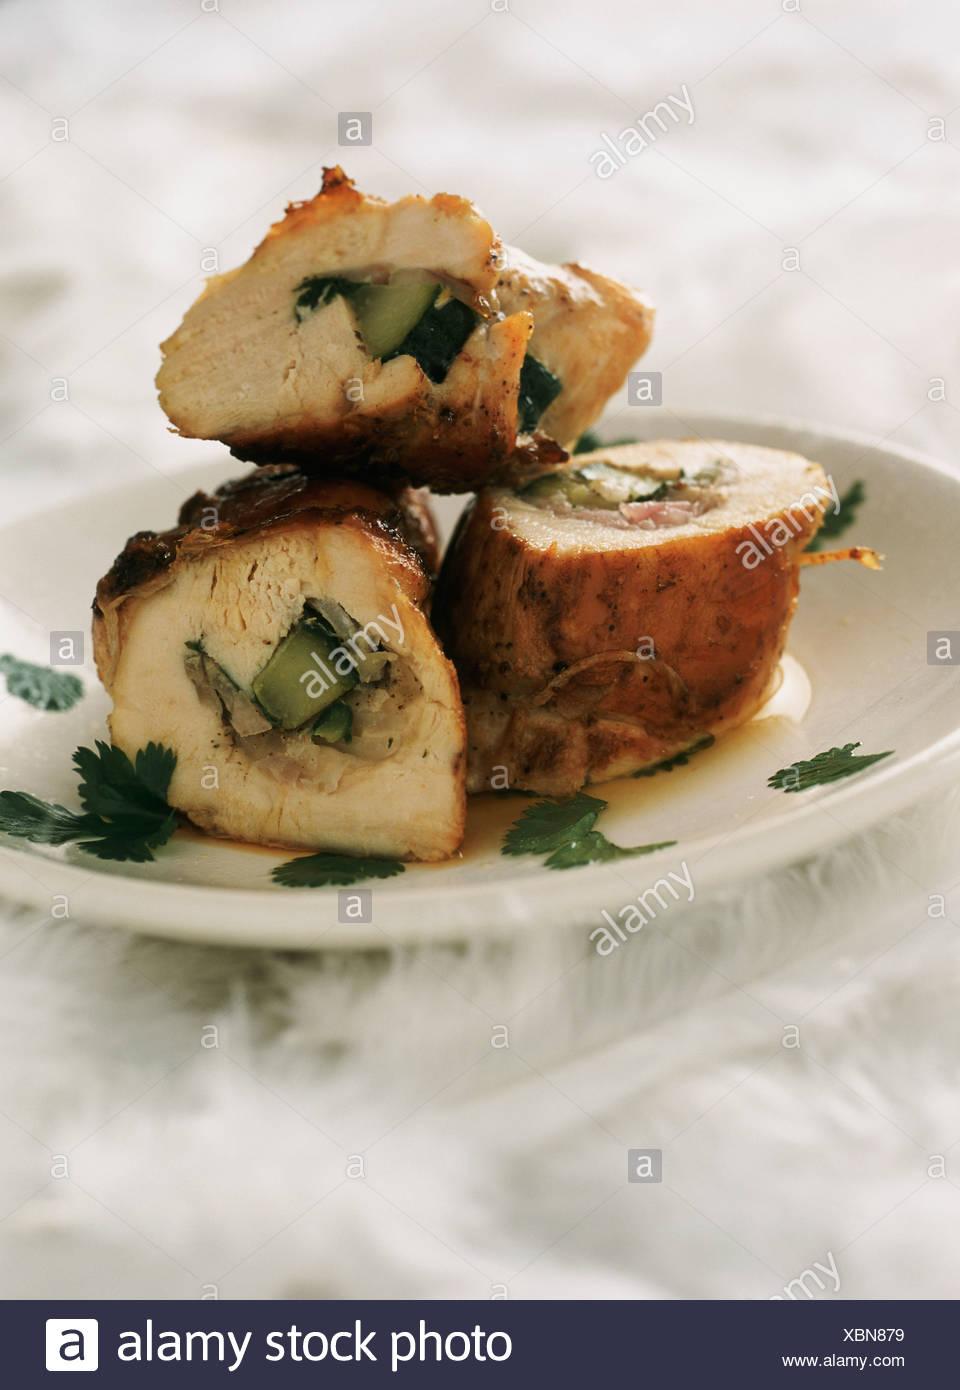 Rolled Chicken Stockfotos & Rolled Chicken Bilder - Alamy